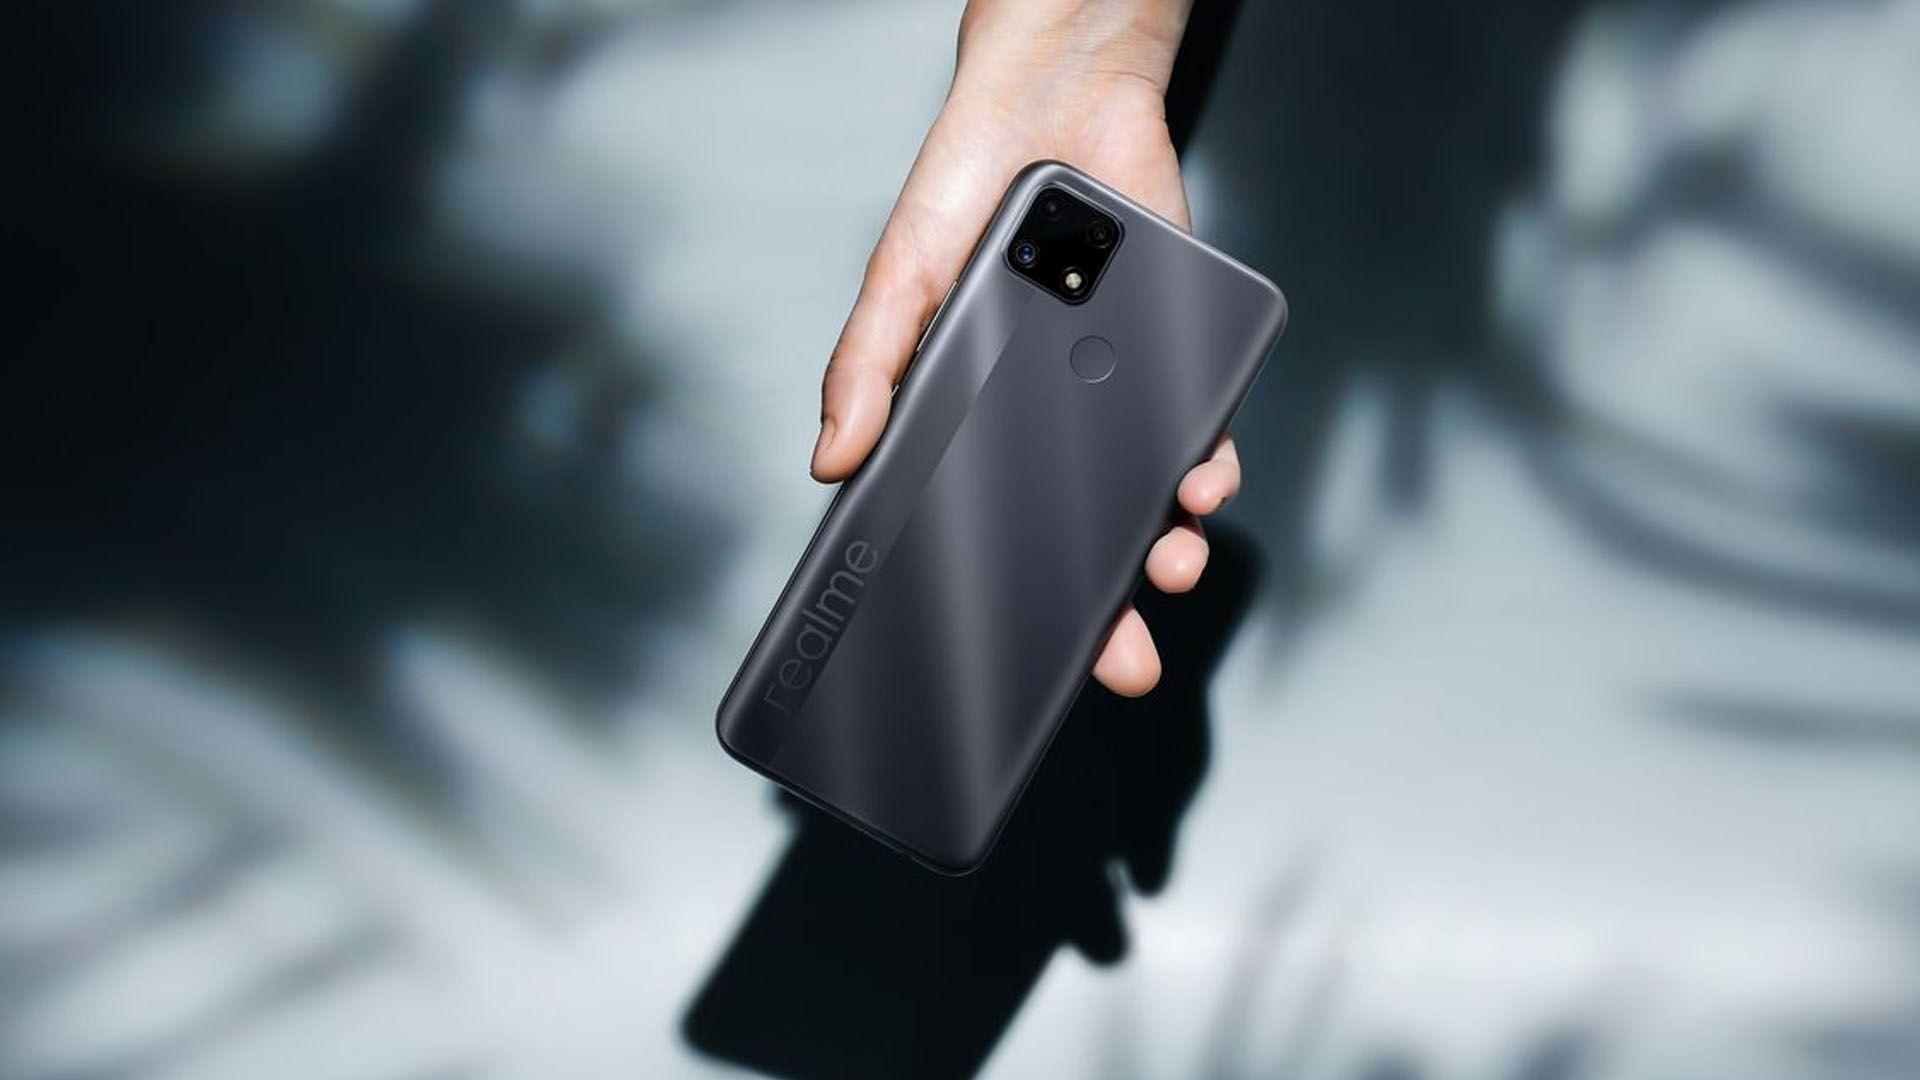 O Realme C25 tem bateria de 6.000 mAh. (Foto: Divulgação/Realme)